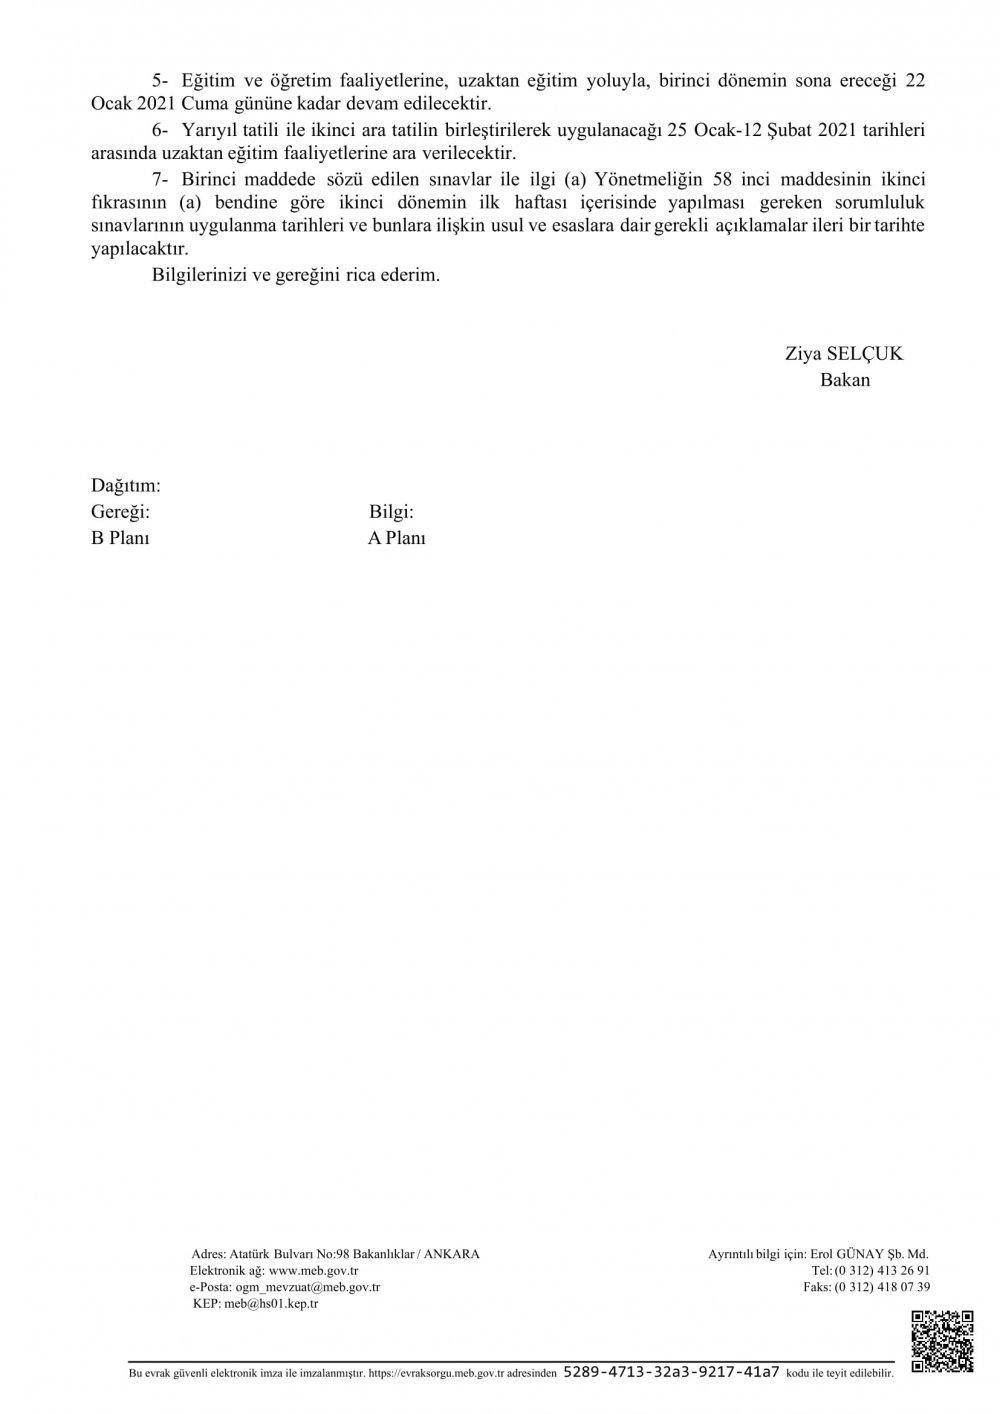 MEB sınavların ertelendiğine dair resmi yazıyı gönderdi